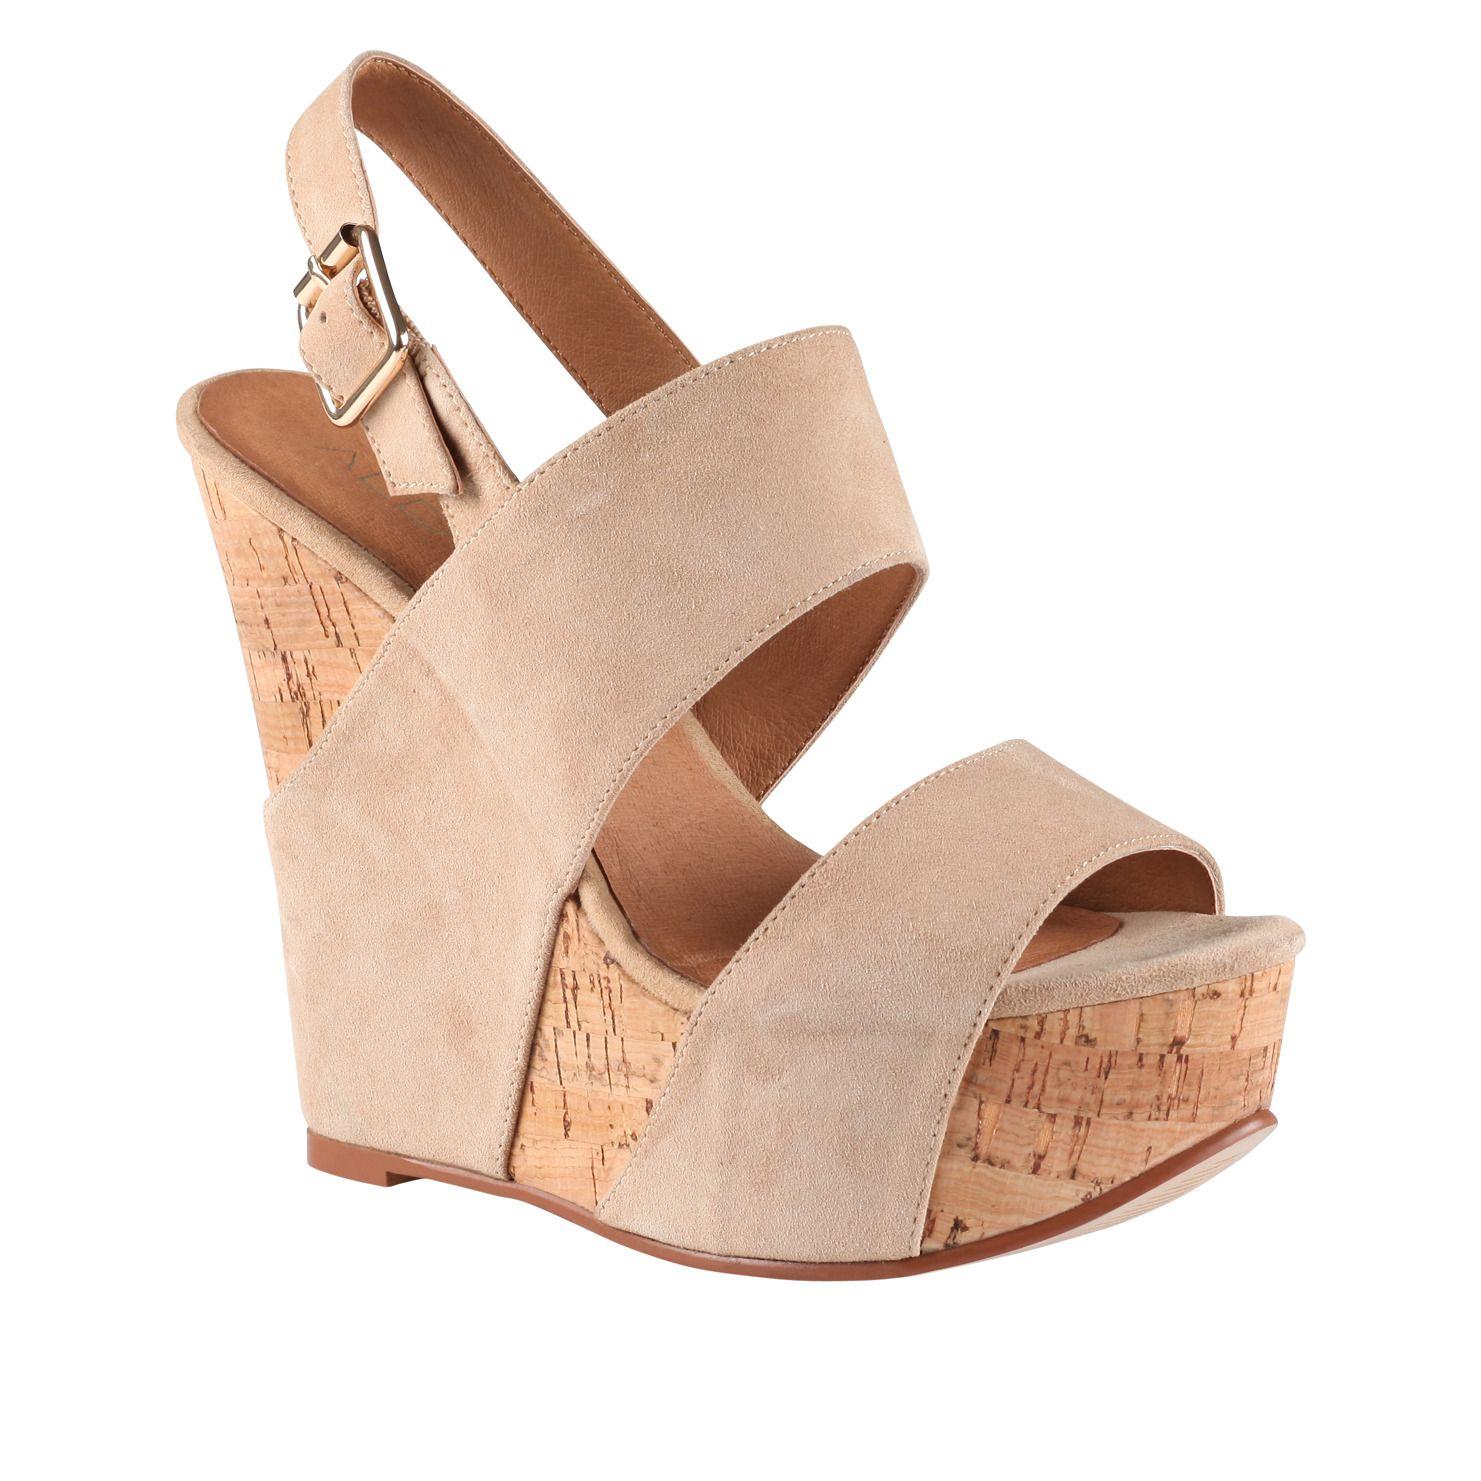 Sandals shoes sale - Samcova Sale S Sale Sandals Women For Sale At Aldo Shoes